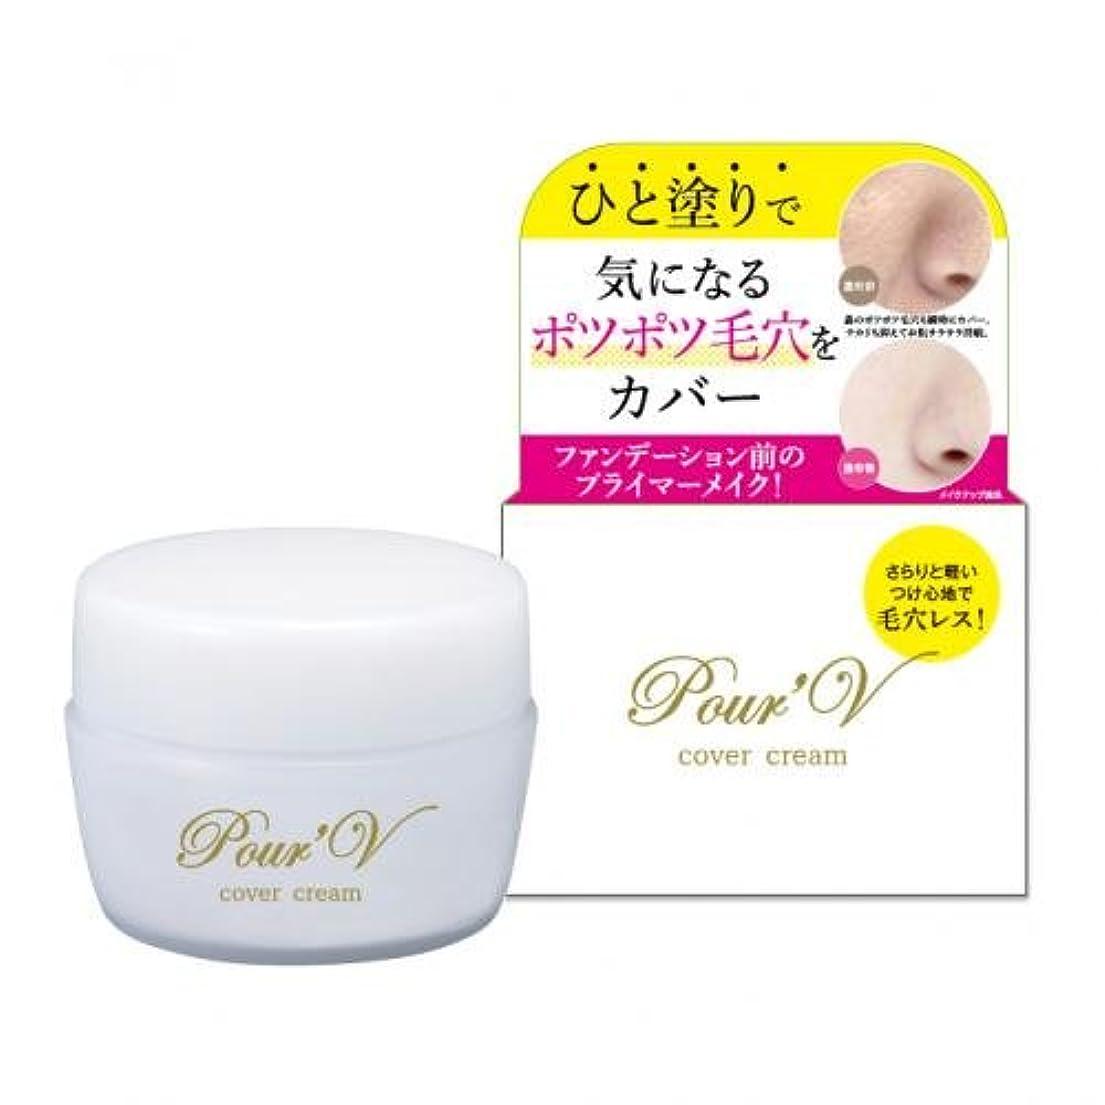 和のりピアースPour'V プレヴ cover cream